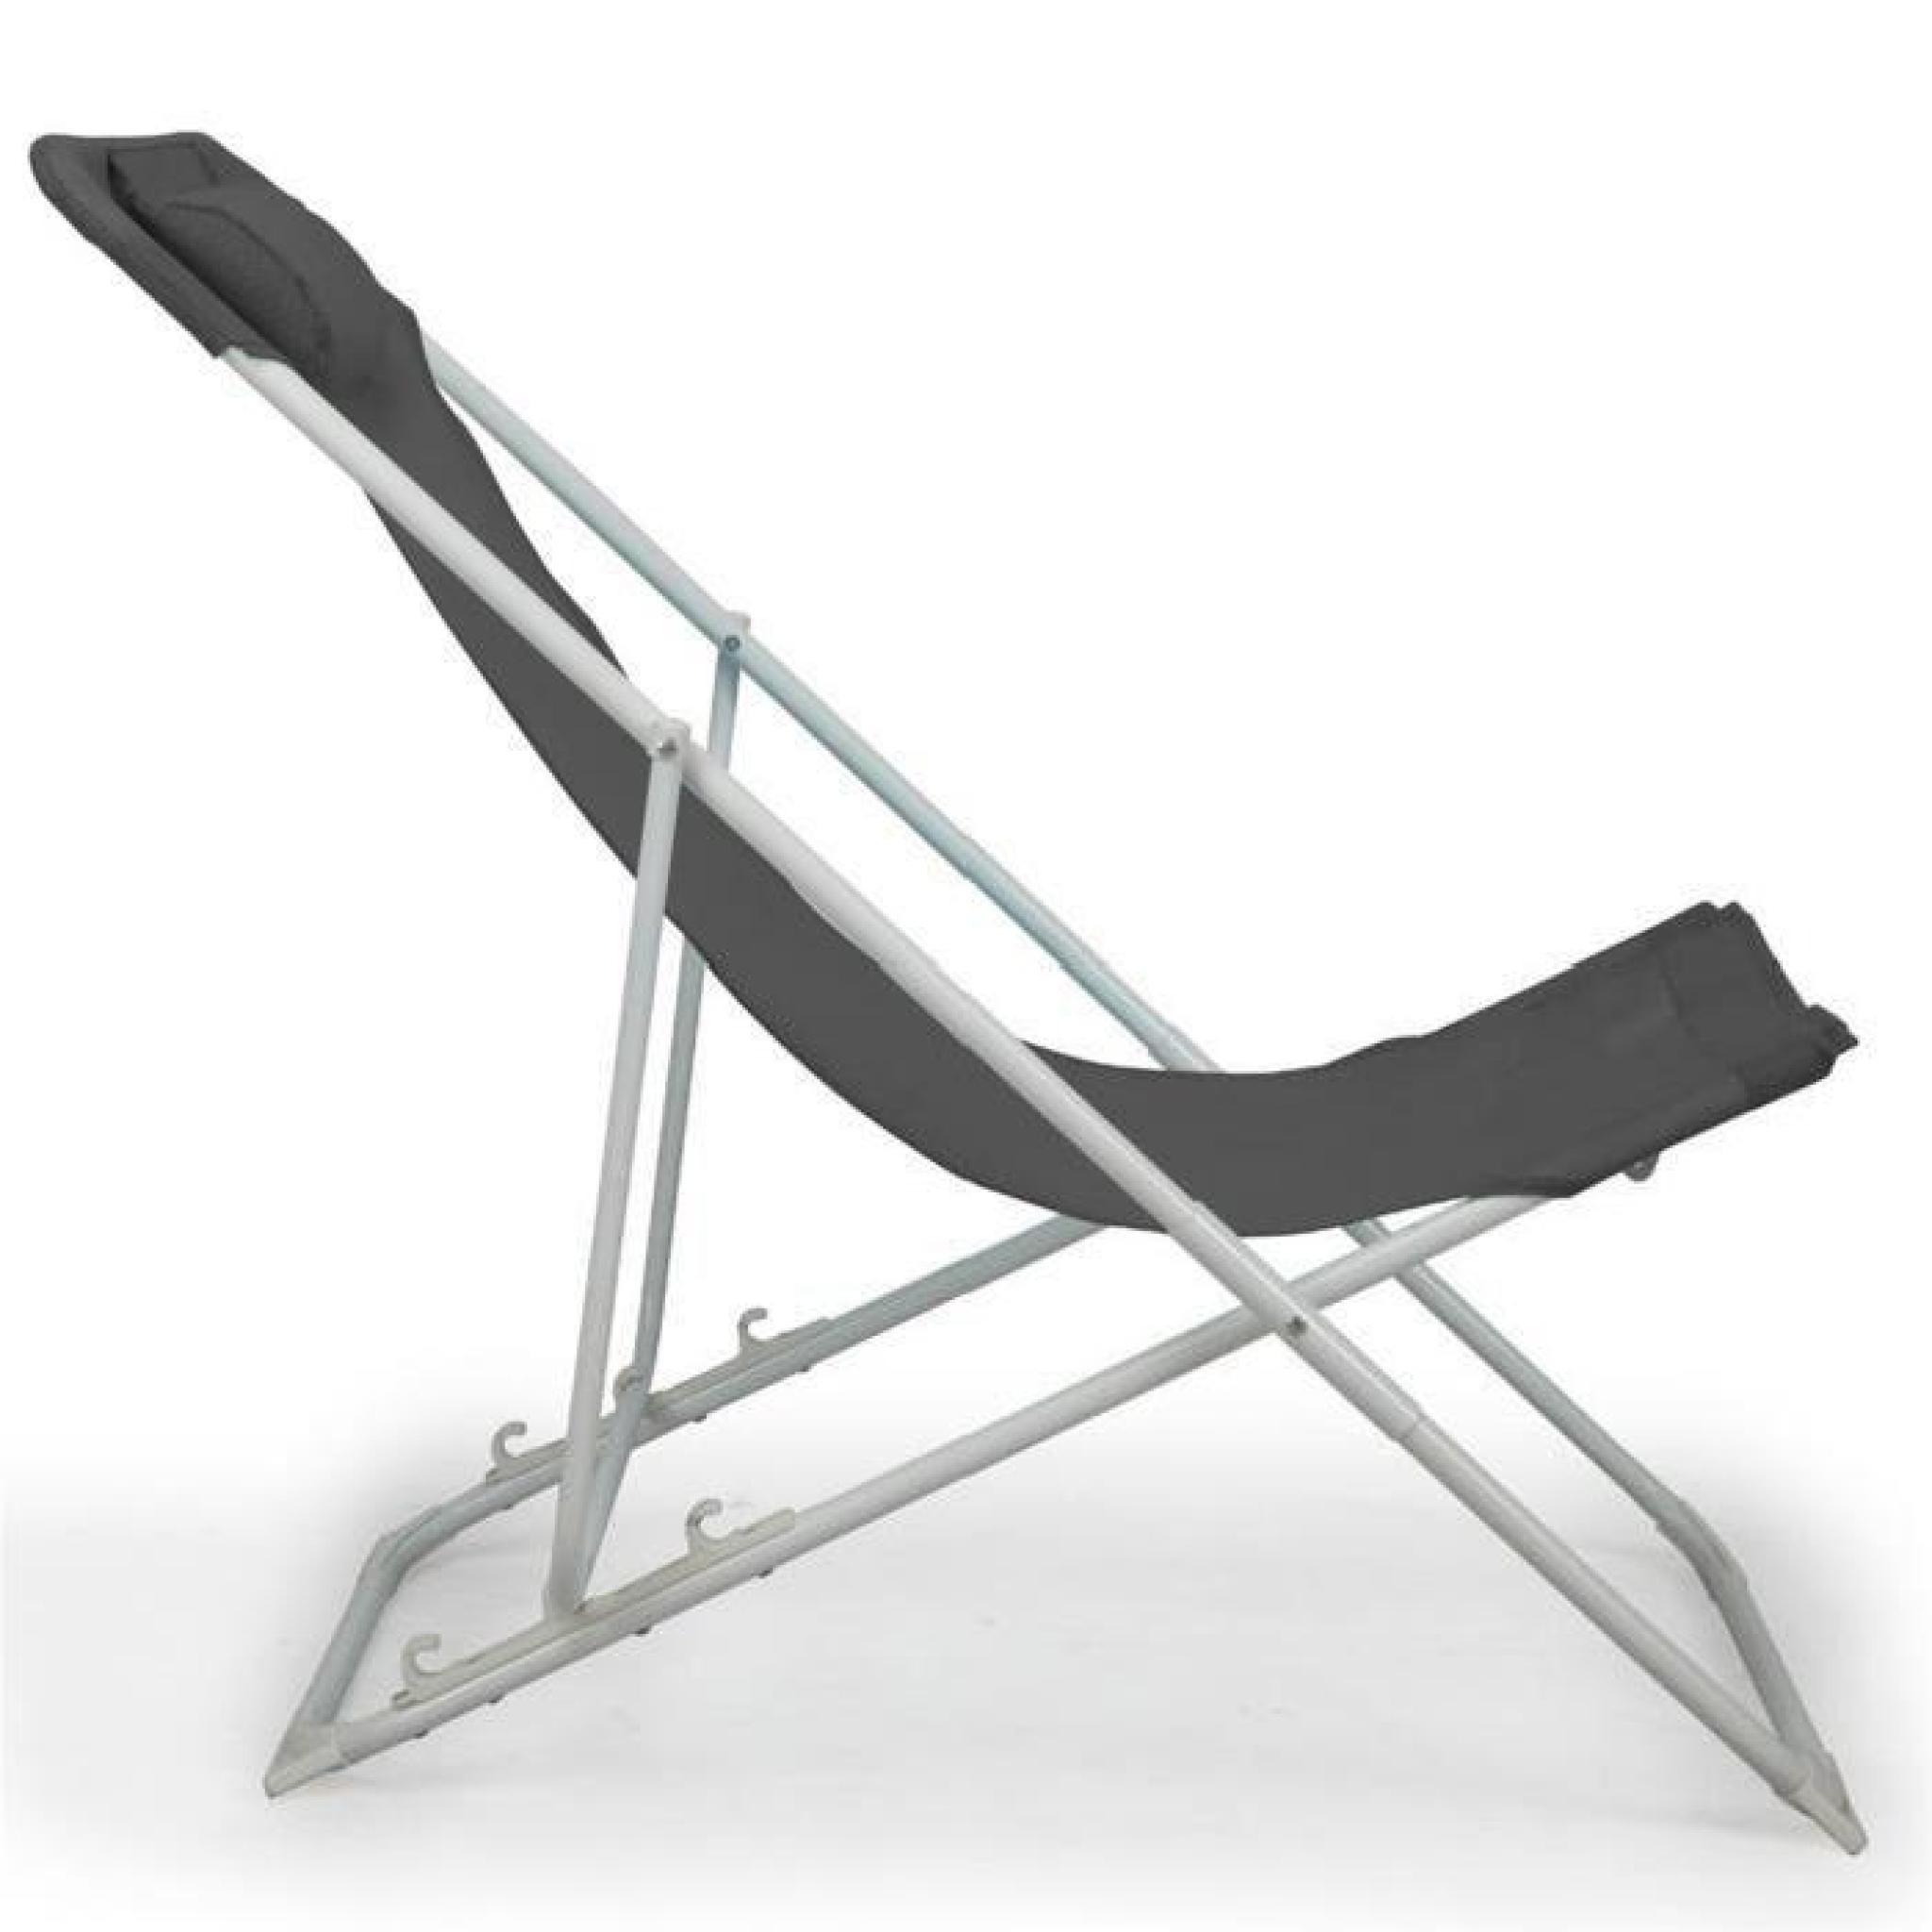 marcuso chilienne chaise longue de jardin noire en textilne pas cher - Chaise Longue Jardin Pas Cher